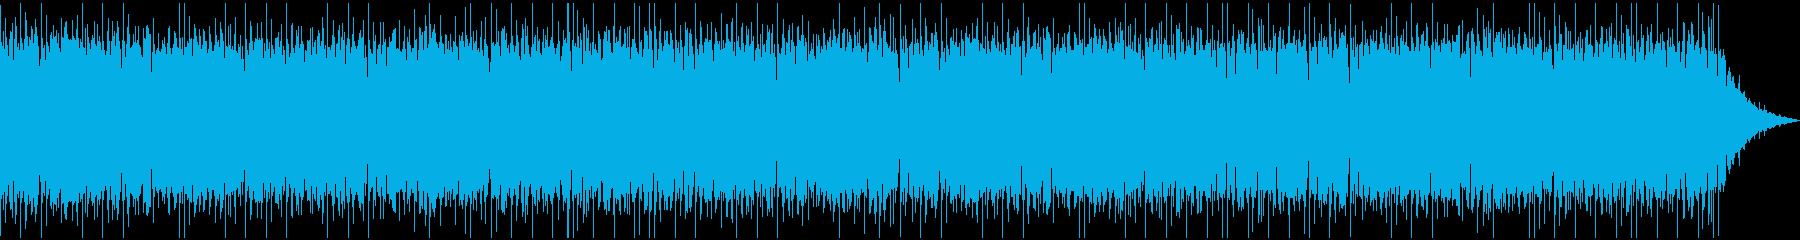 勢いのあるケルト音楽の再生済みの波形